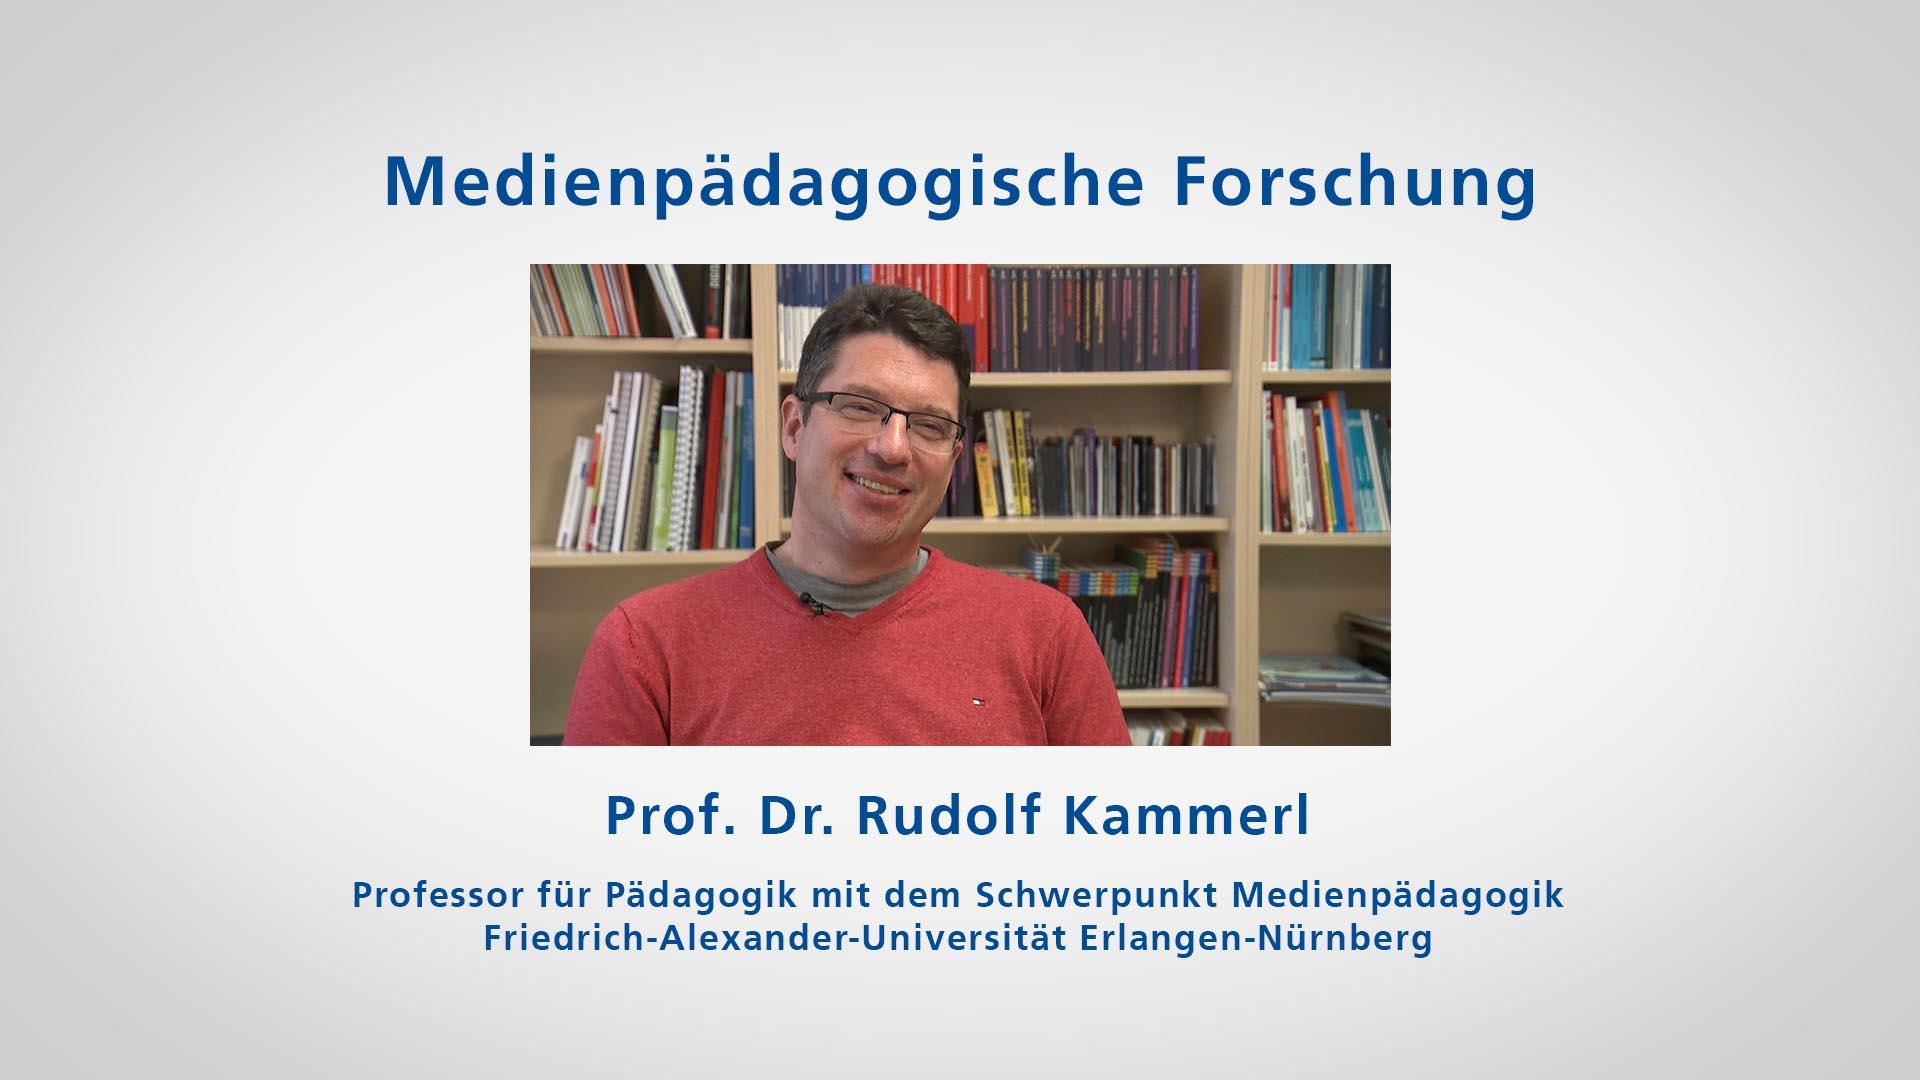 Medienpädagogische Forschung - FernUniversität in Hagen